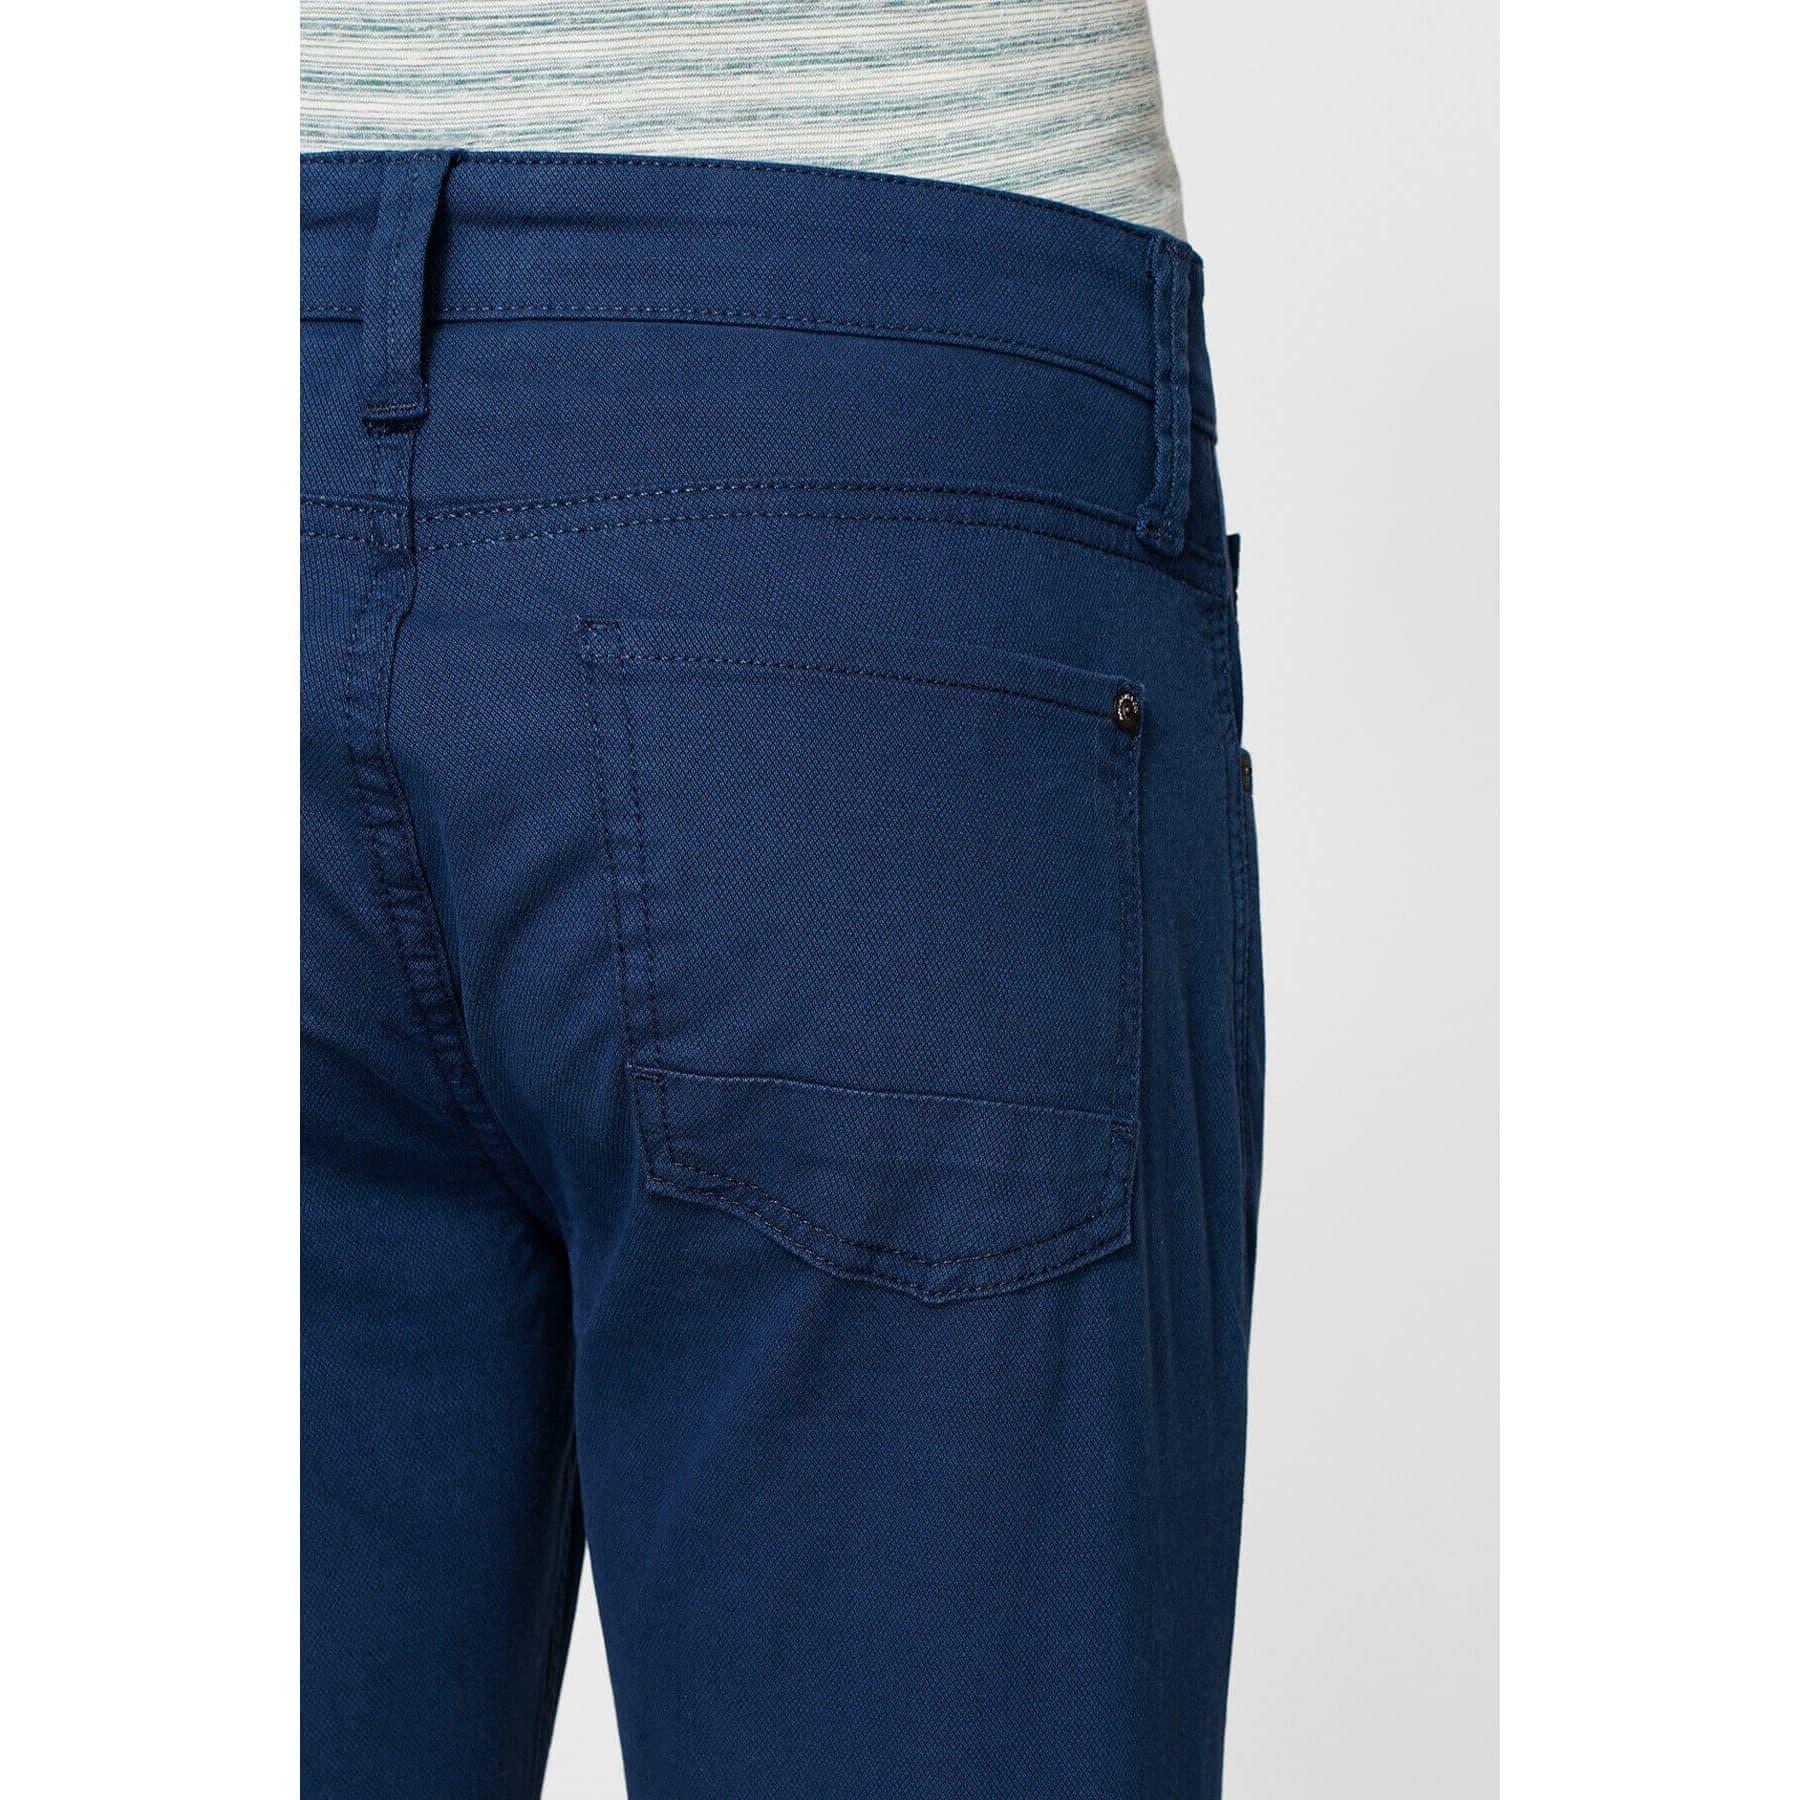 5 Cepli Erkek Lacivert Kot Pantolon